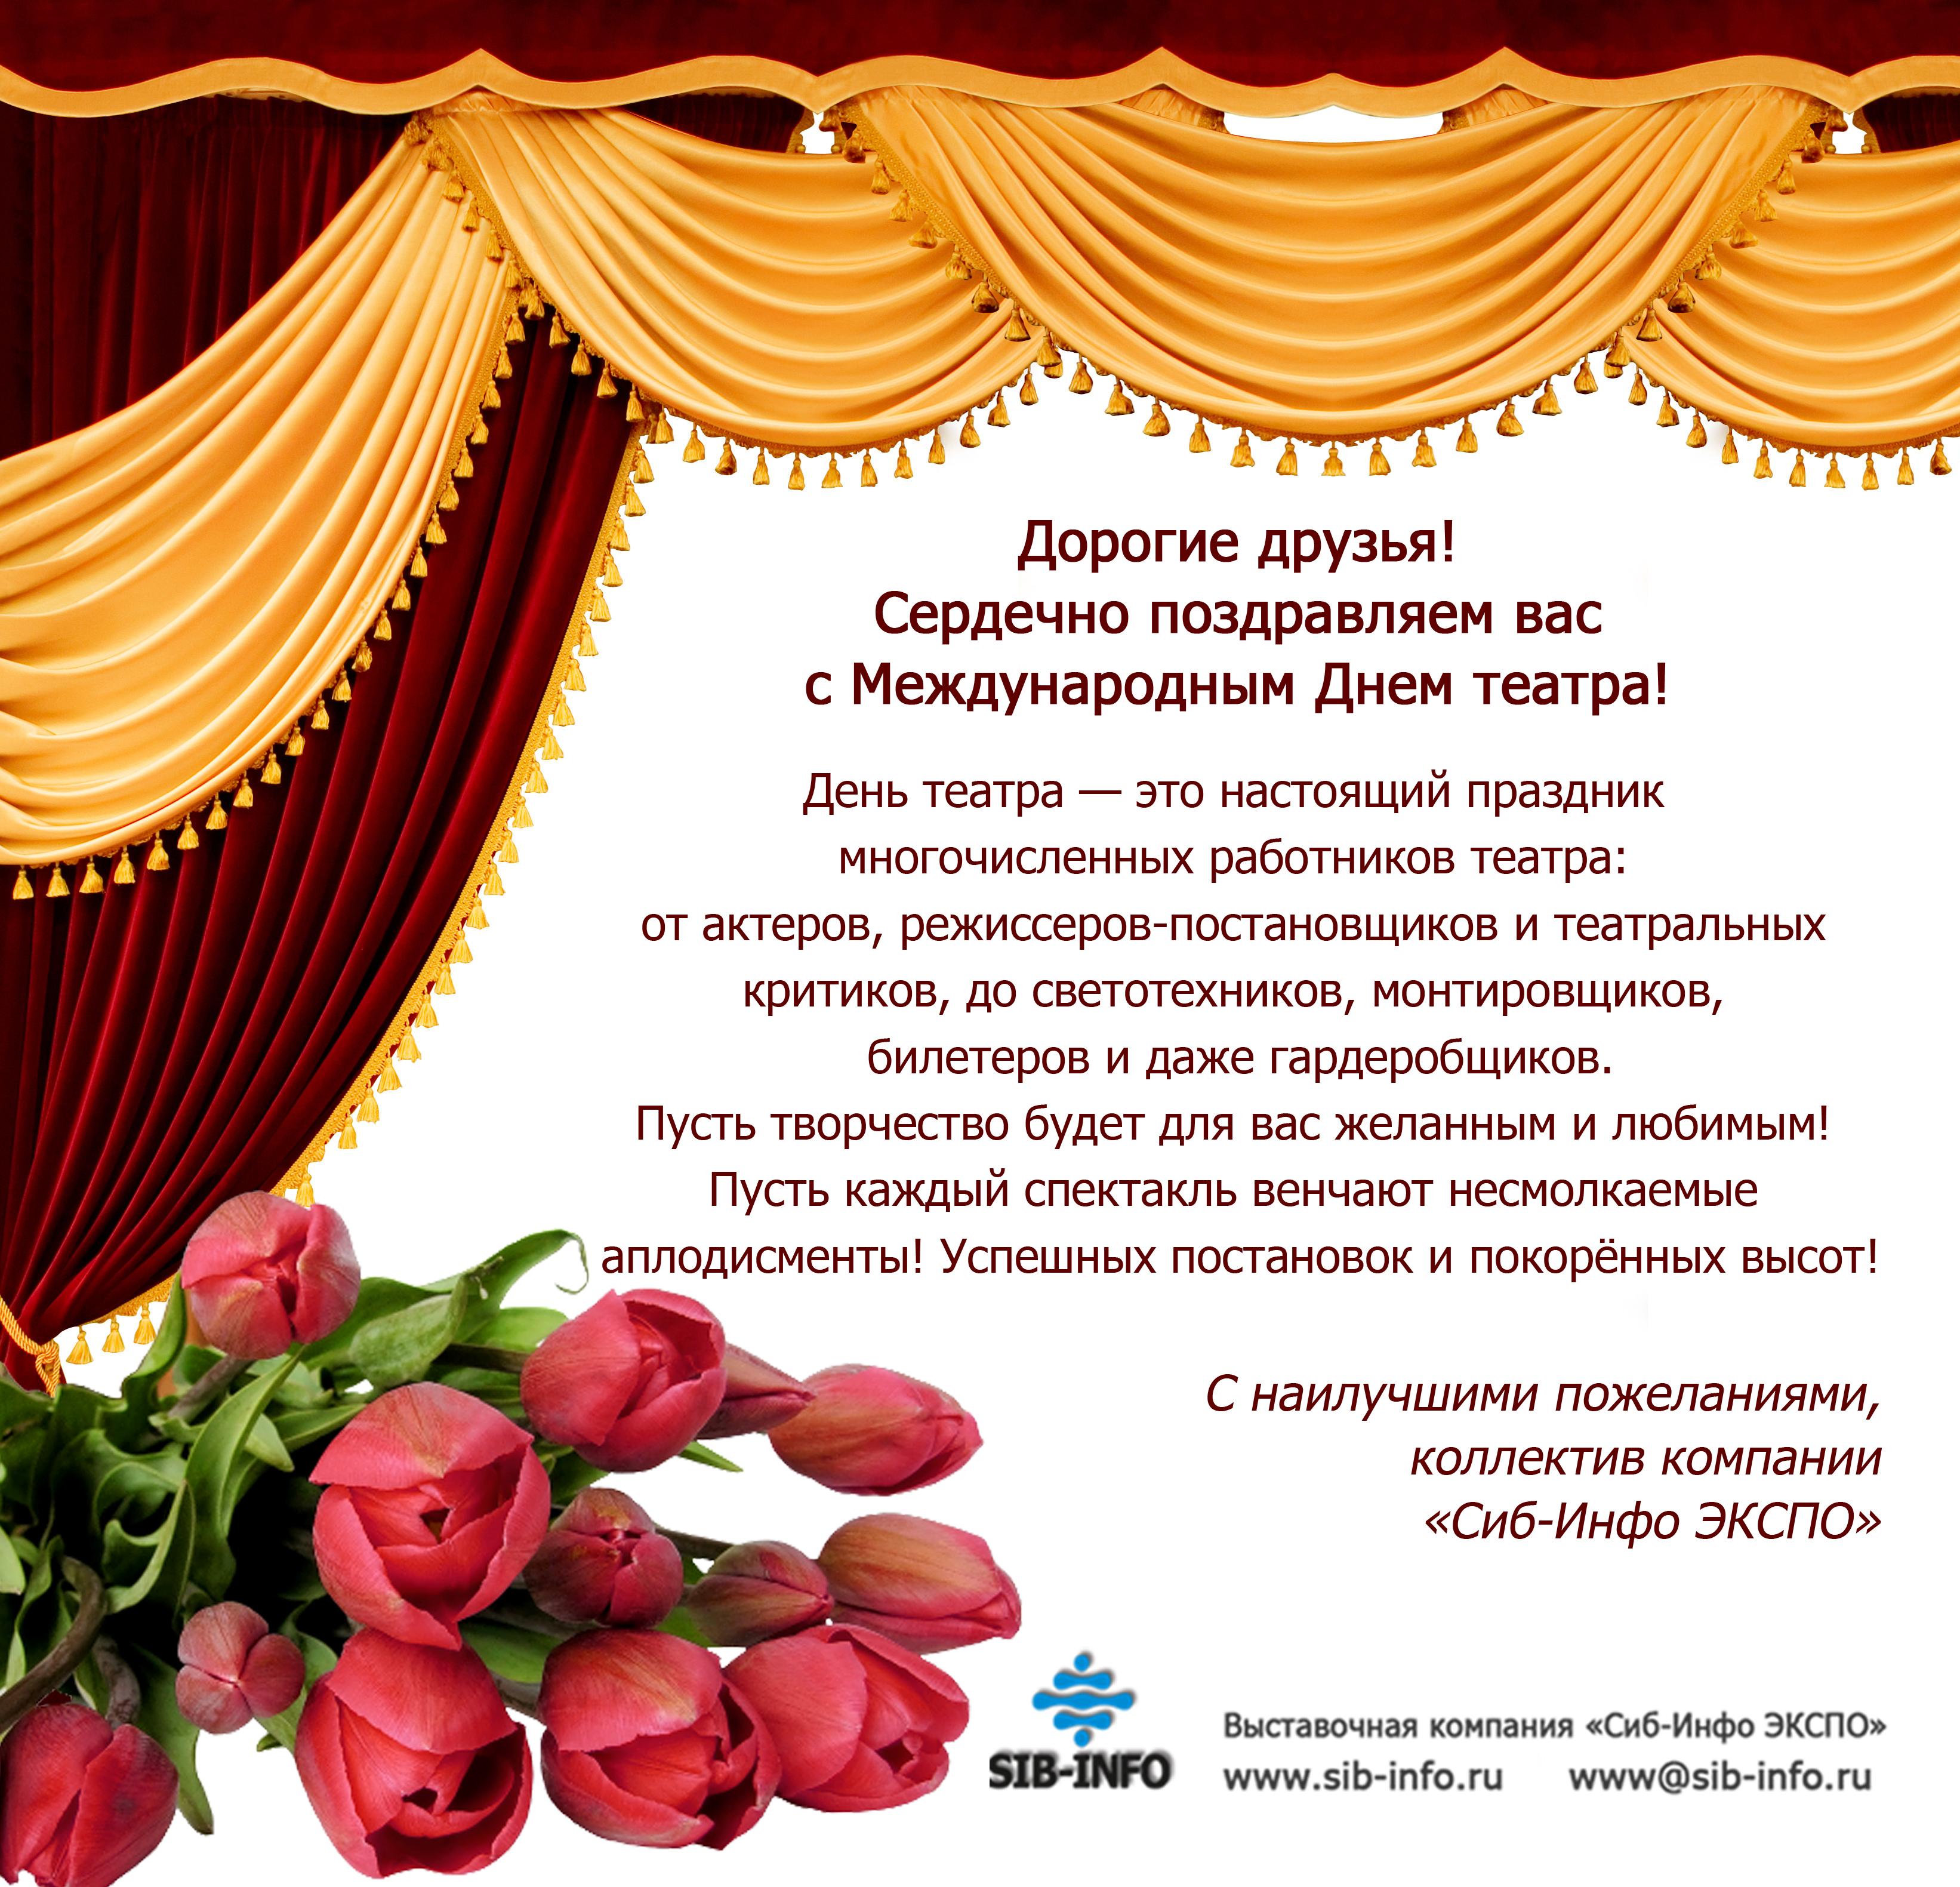 День театра 2019 дата праздника, история, поздравления